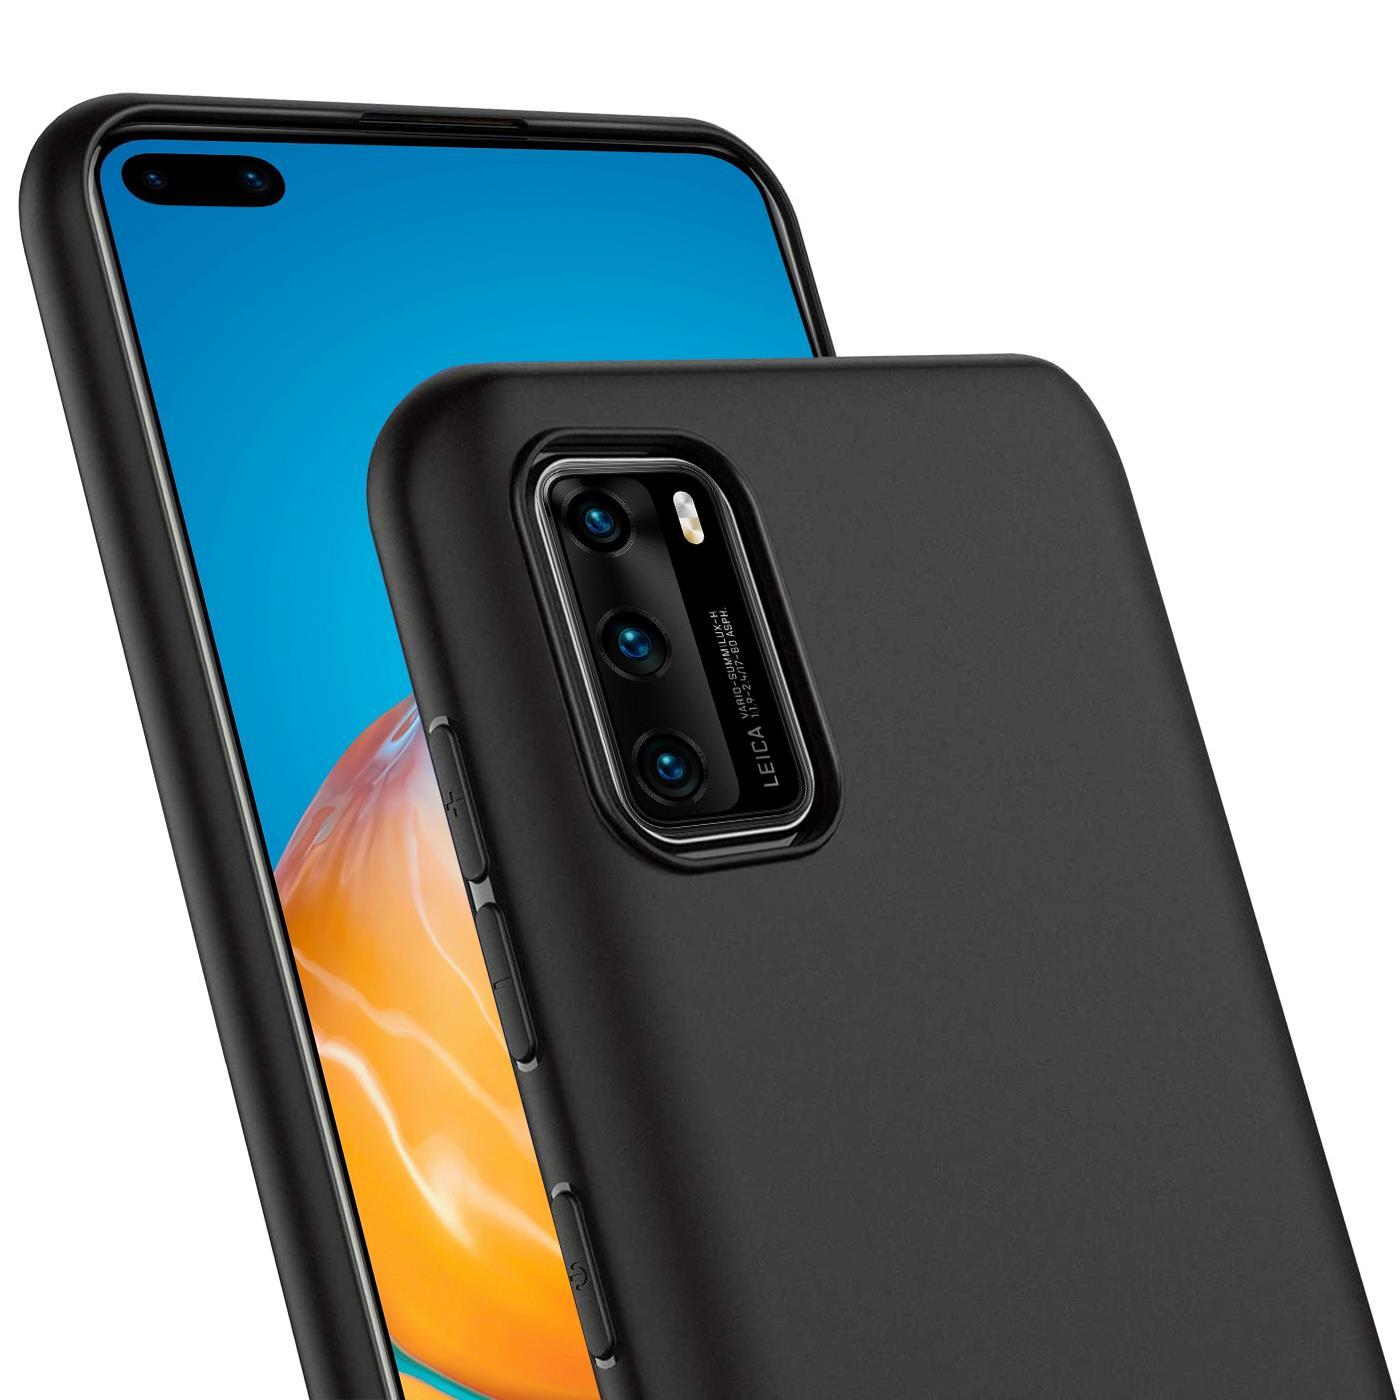 Schutz-Huelle-fuer-Huawei-P40-Case-Silikon-Handy-Huelle-Slim-Cover-Matt-Schwarz Indexbild 9